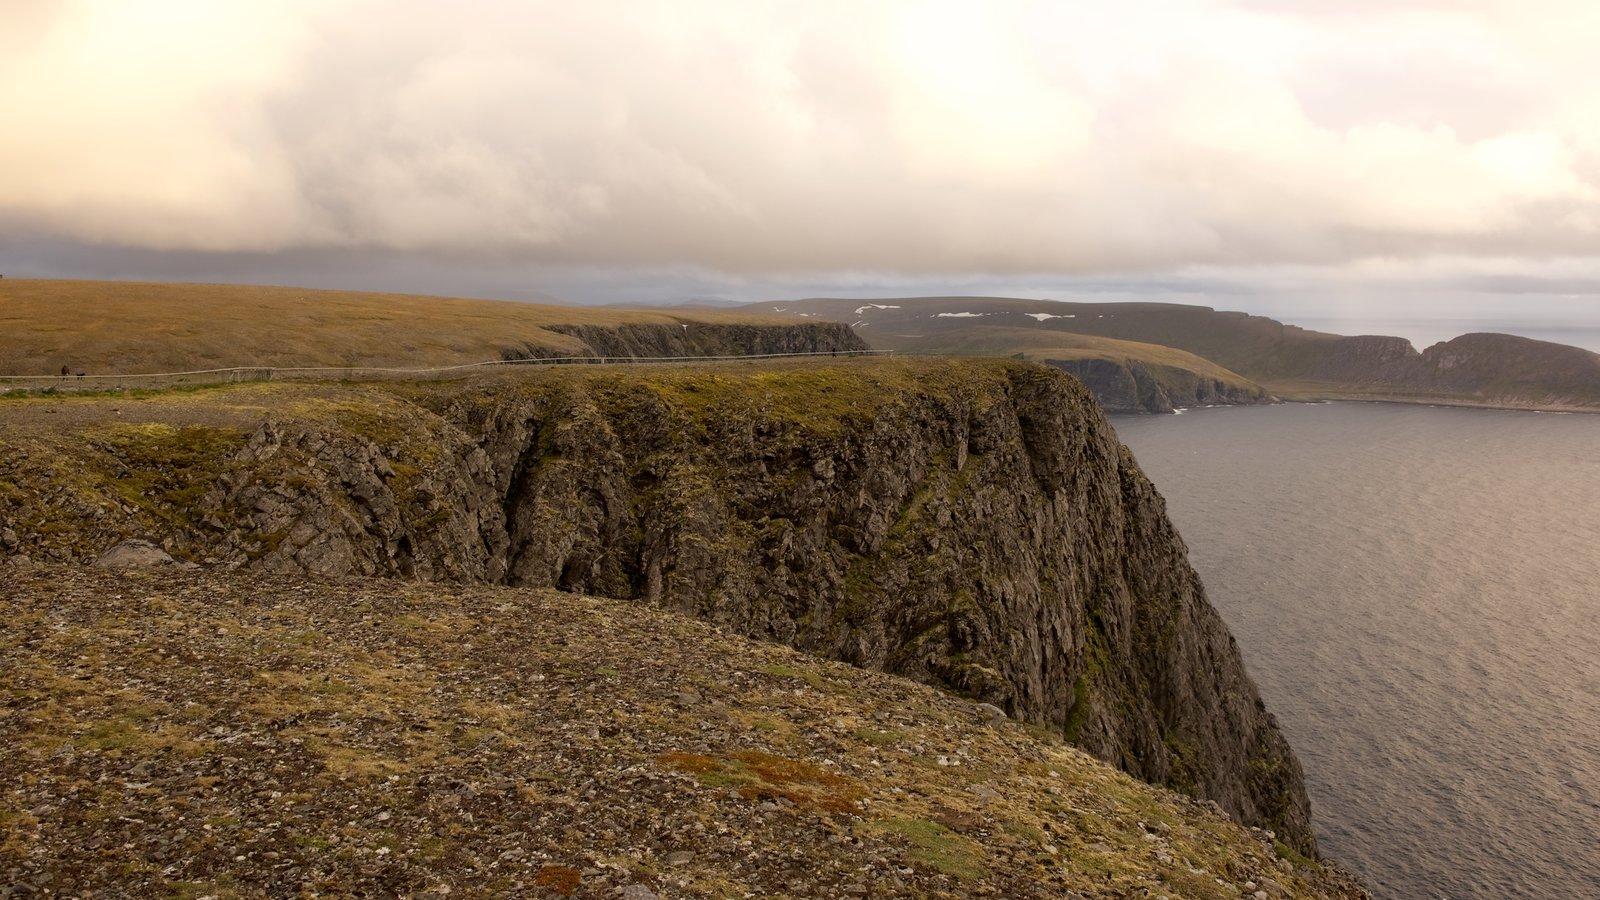 Península Knivskjellodden que incluye una puesta de sol, un lago o abrevadero y montañas